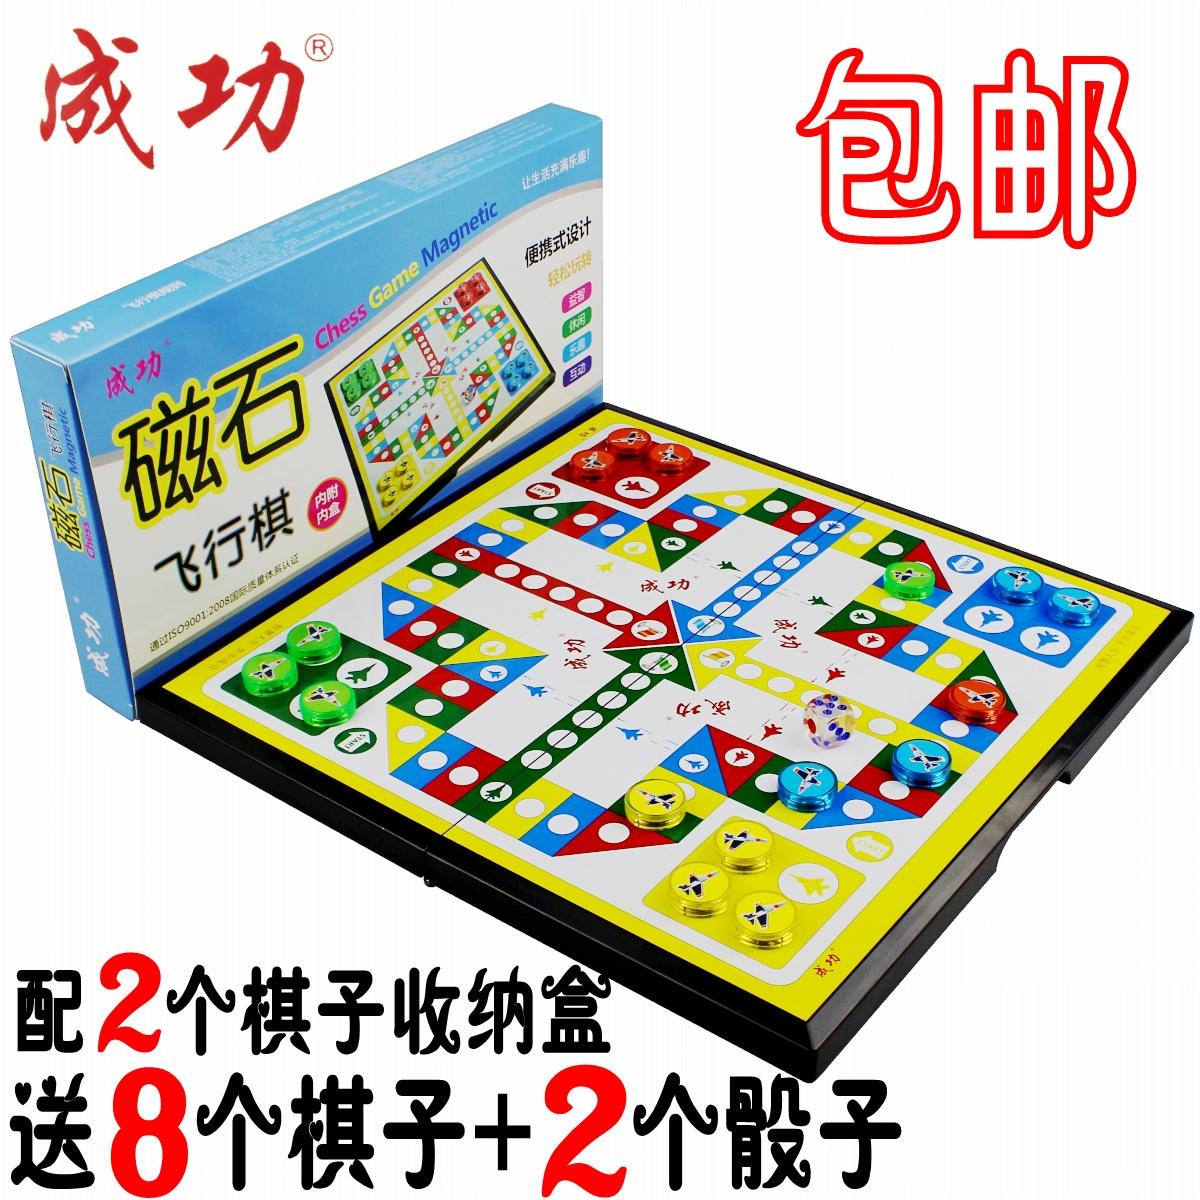 Ребенок головоломка магнитный играть лотков и лестниц. большой размер портативный сложить самолет игра шахматы детский сад игрушка отцовство подарок